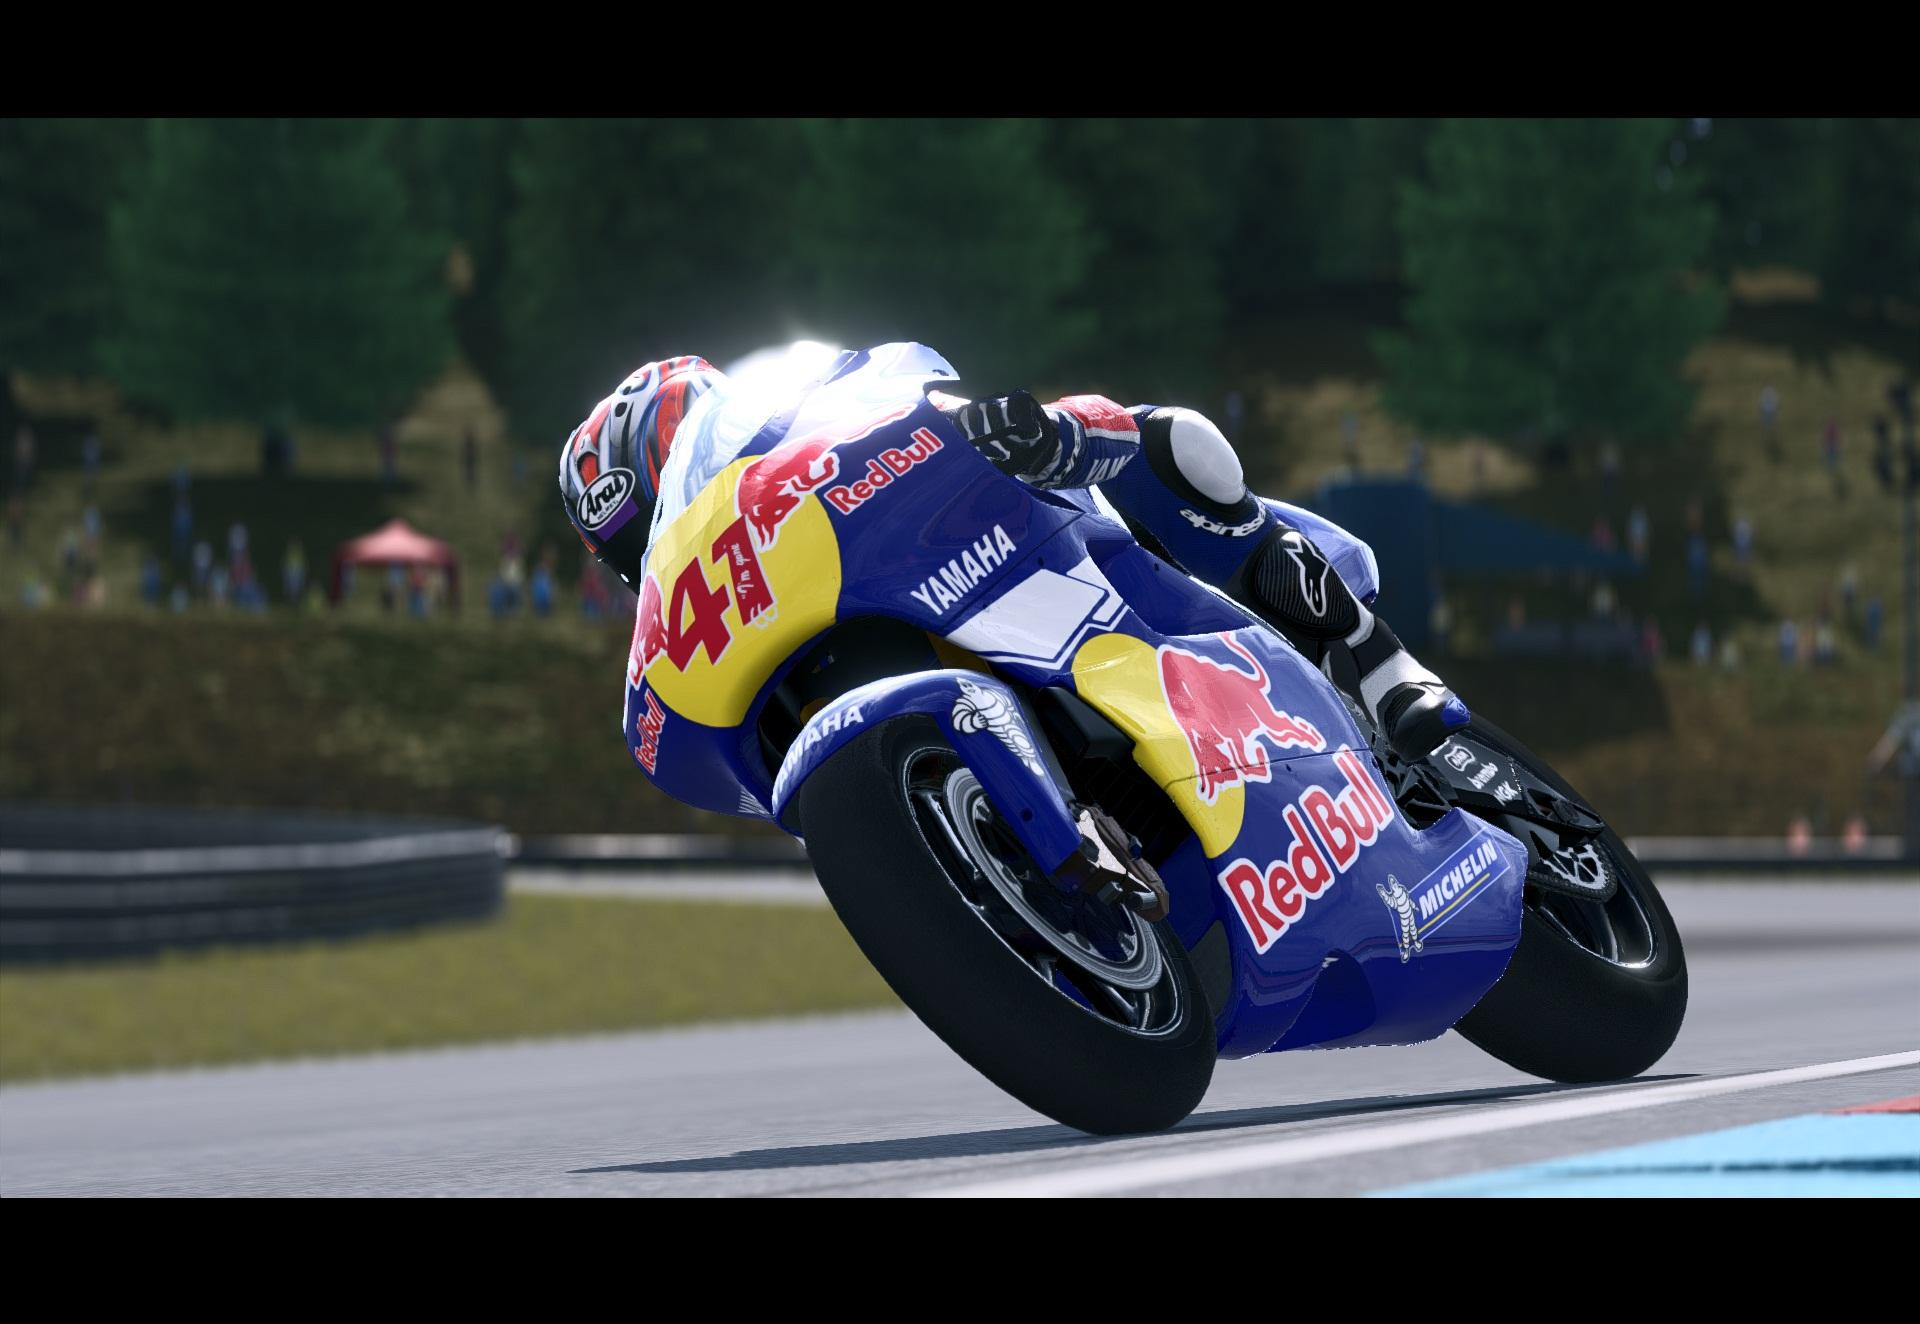 MotoGP14X64.exe_DX11_20140820_233543.jpg